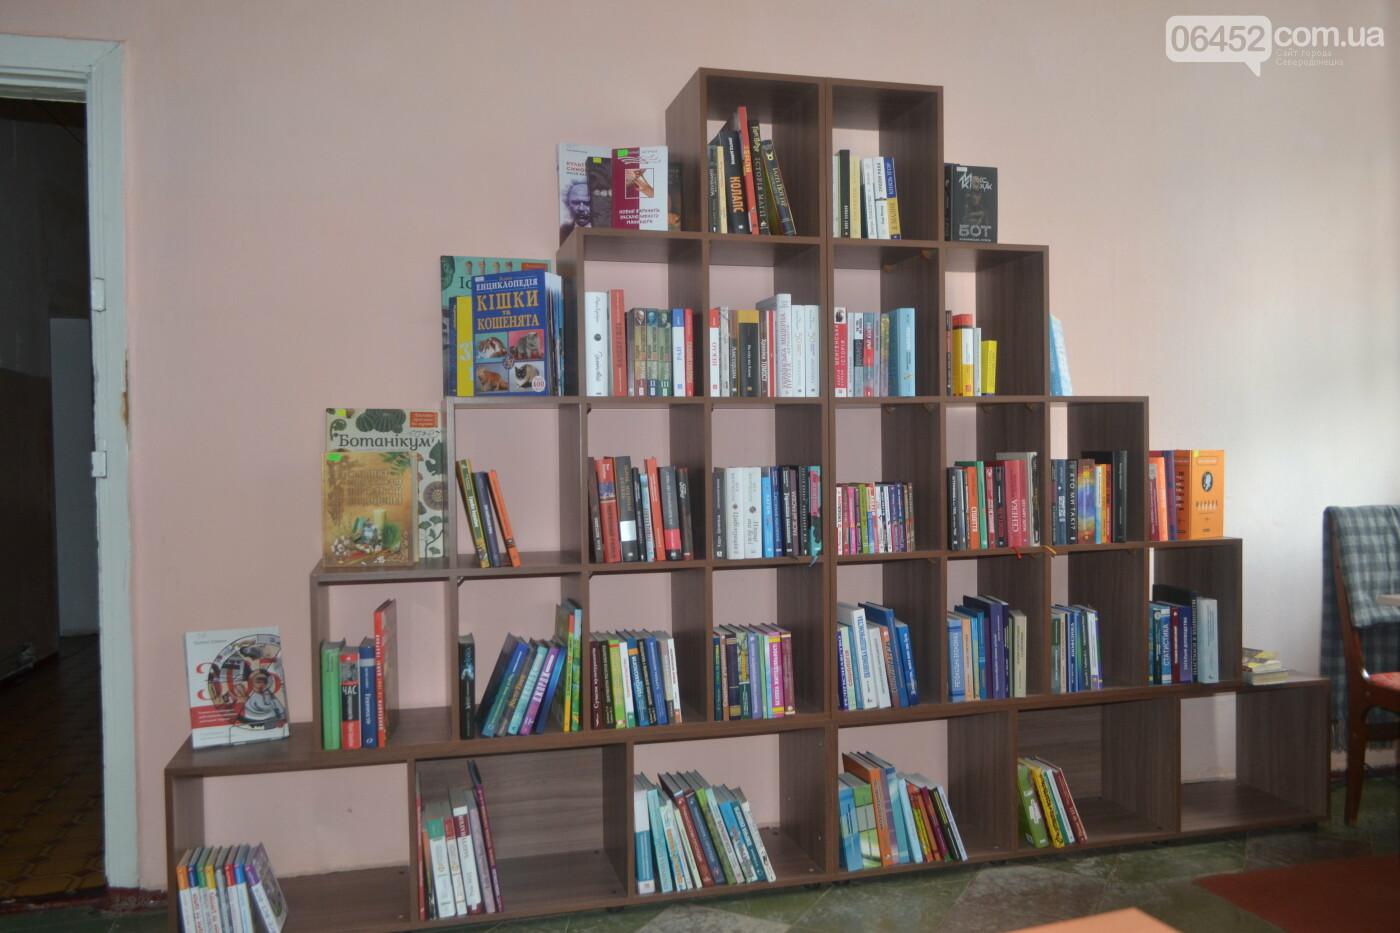 Есть ли жизнь в современной северодонецкой библиотеке?, фото-7